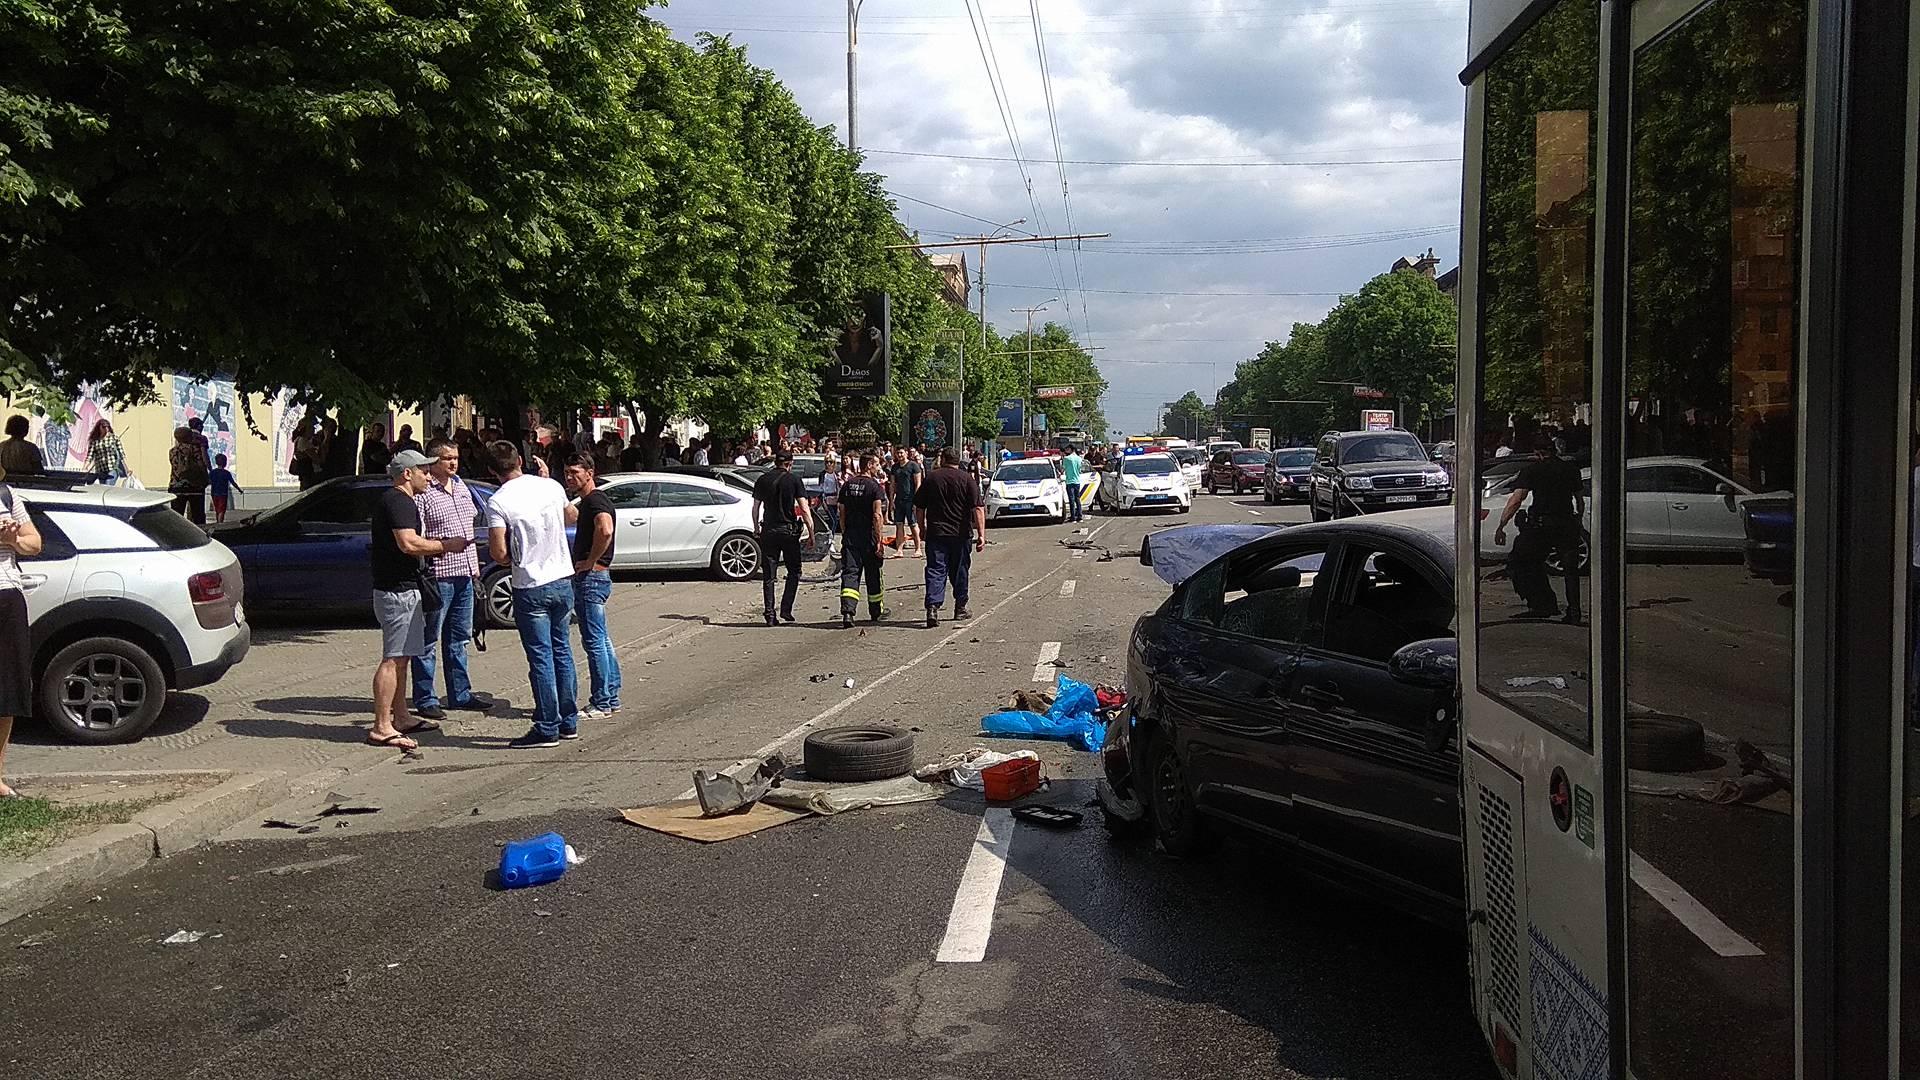 В центре Запорожья произошло масштабное ДТП: столкнулись 10 автомобилей и муниципальный автобус - ФОТО